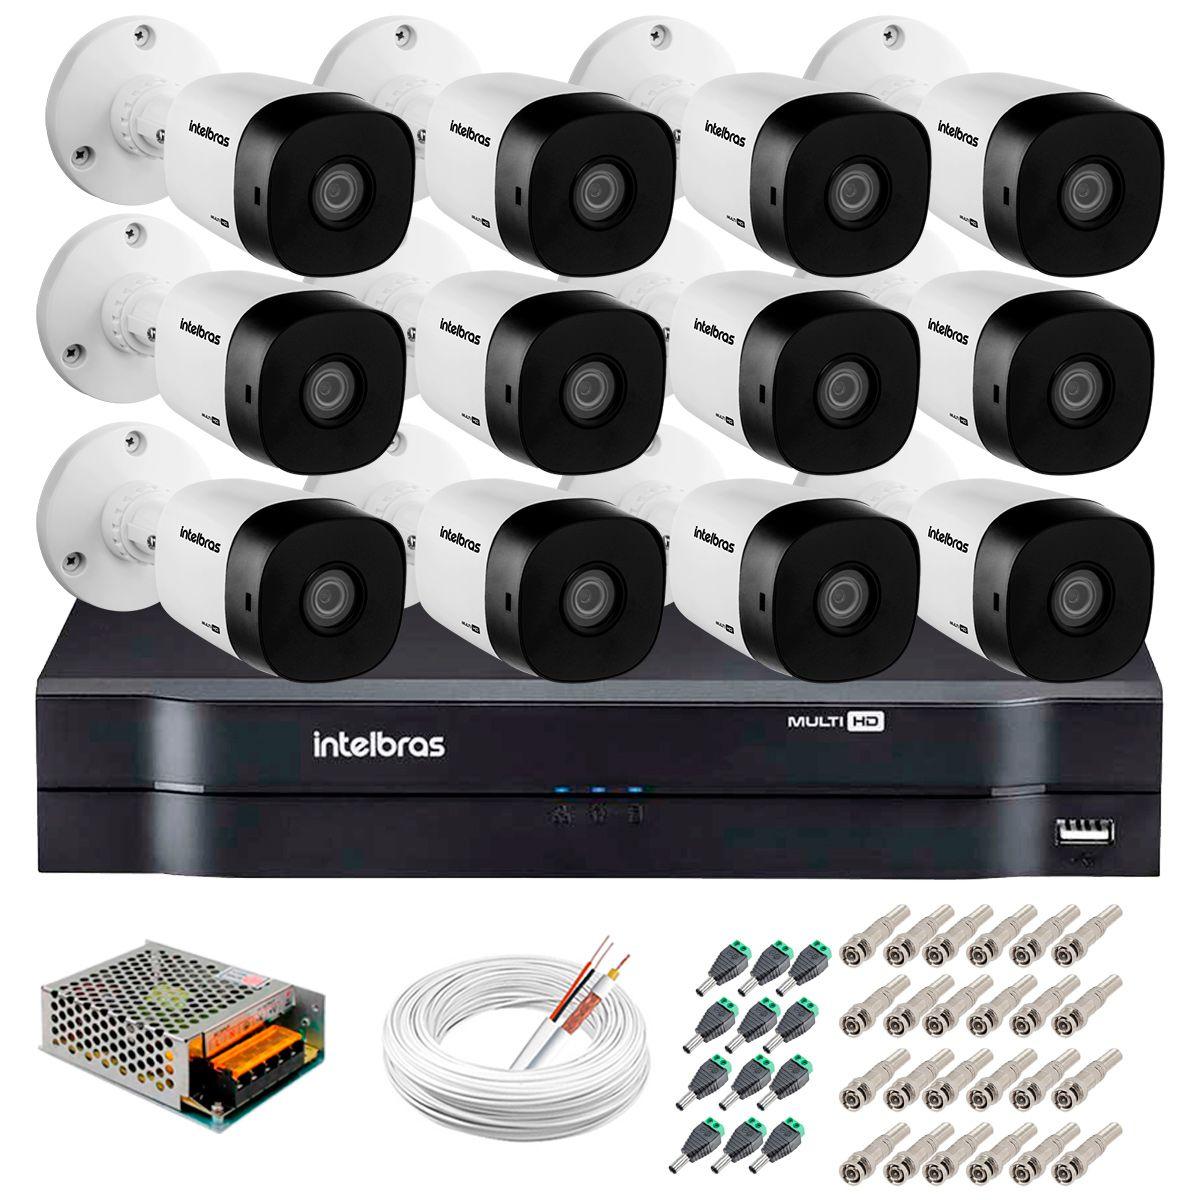 Kit 12 Câmeras VHD 3120 B G5 + DVR Intelbras + App Grátis de Monitoramento, HD 720p 20m Infravermelho + Cabos e Acessórios  - Tudo Forte